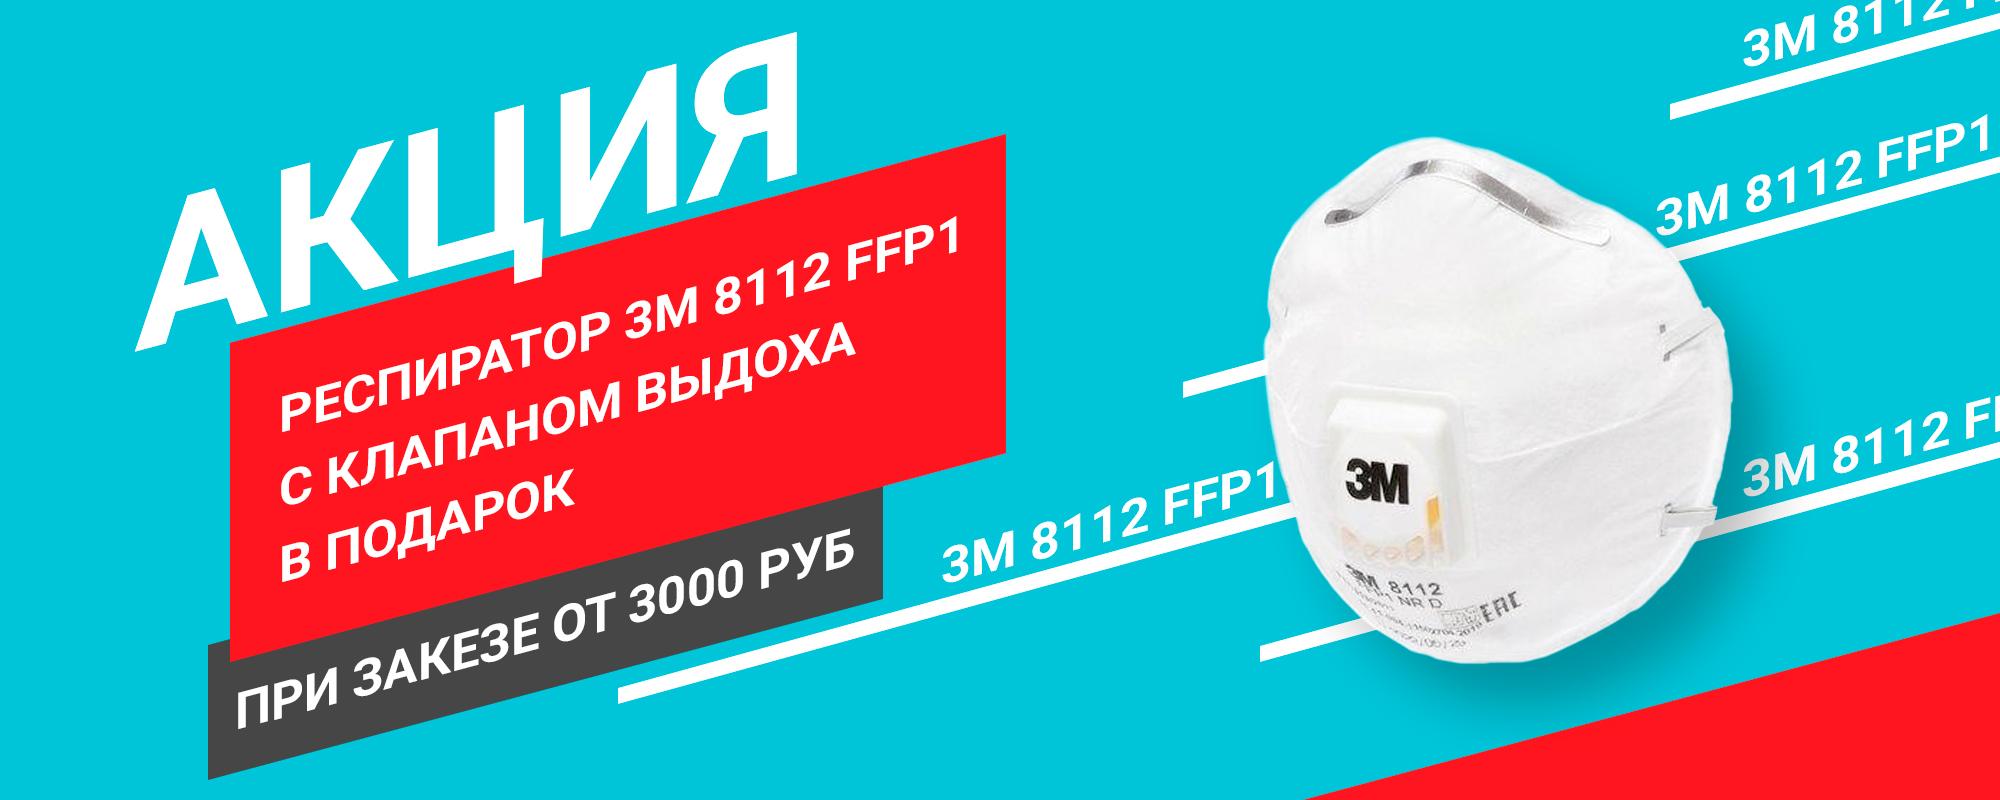 Акция 3М 8112